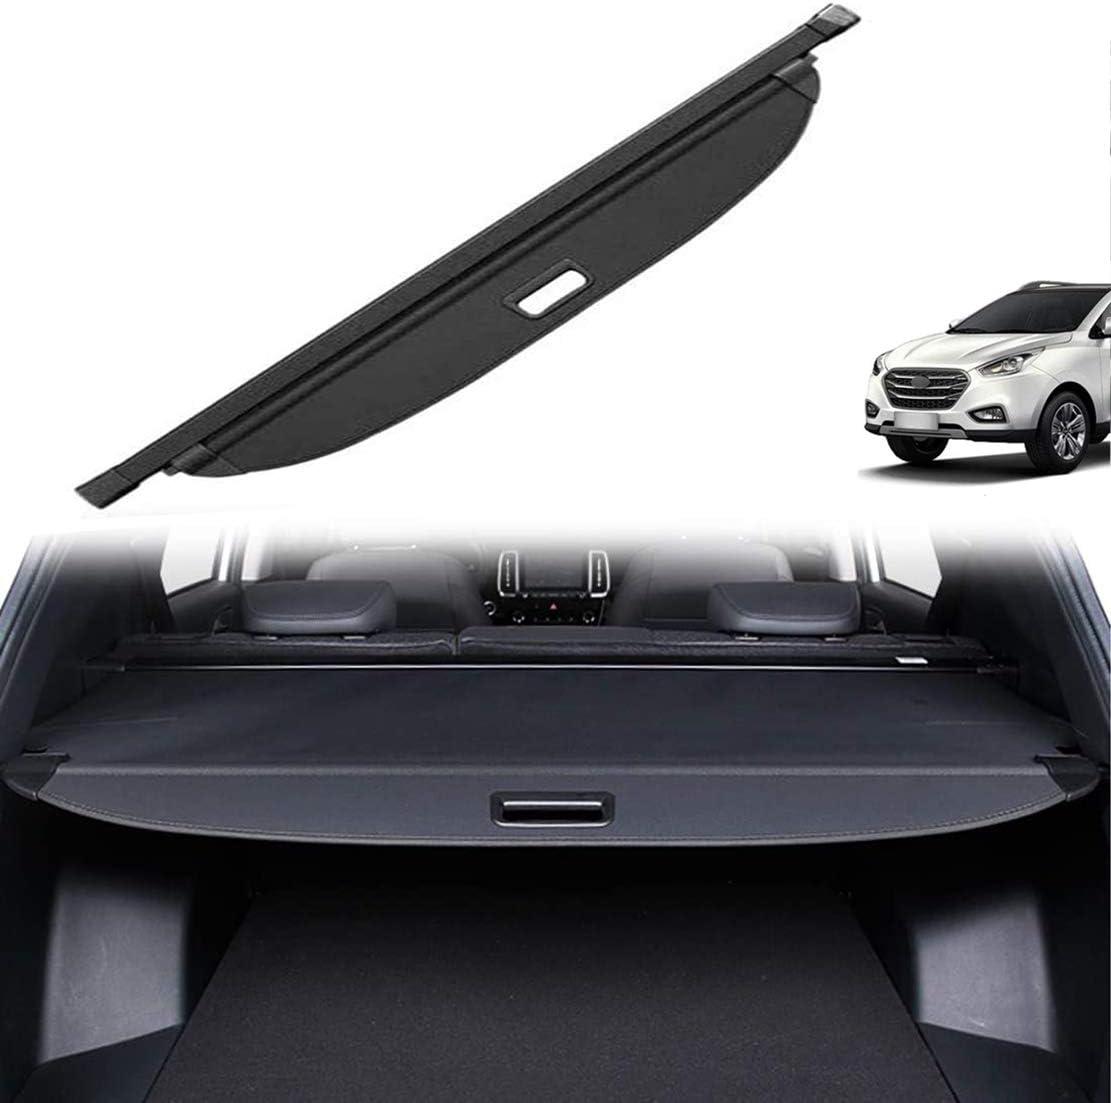 MNBX Auto Cargo Cover f/ür Hyundai IX35 2010-2017 Fit Laderaumabdeckung Kofferraum Schutz Abdeckung Boot Load Shielding Security Panel Rollo